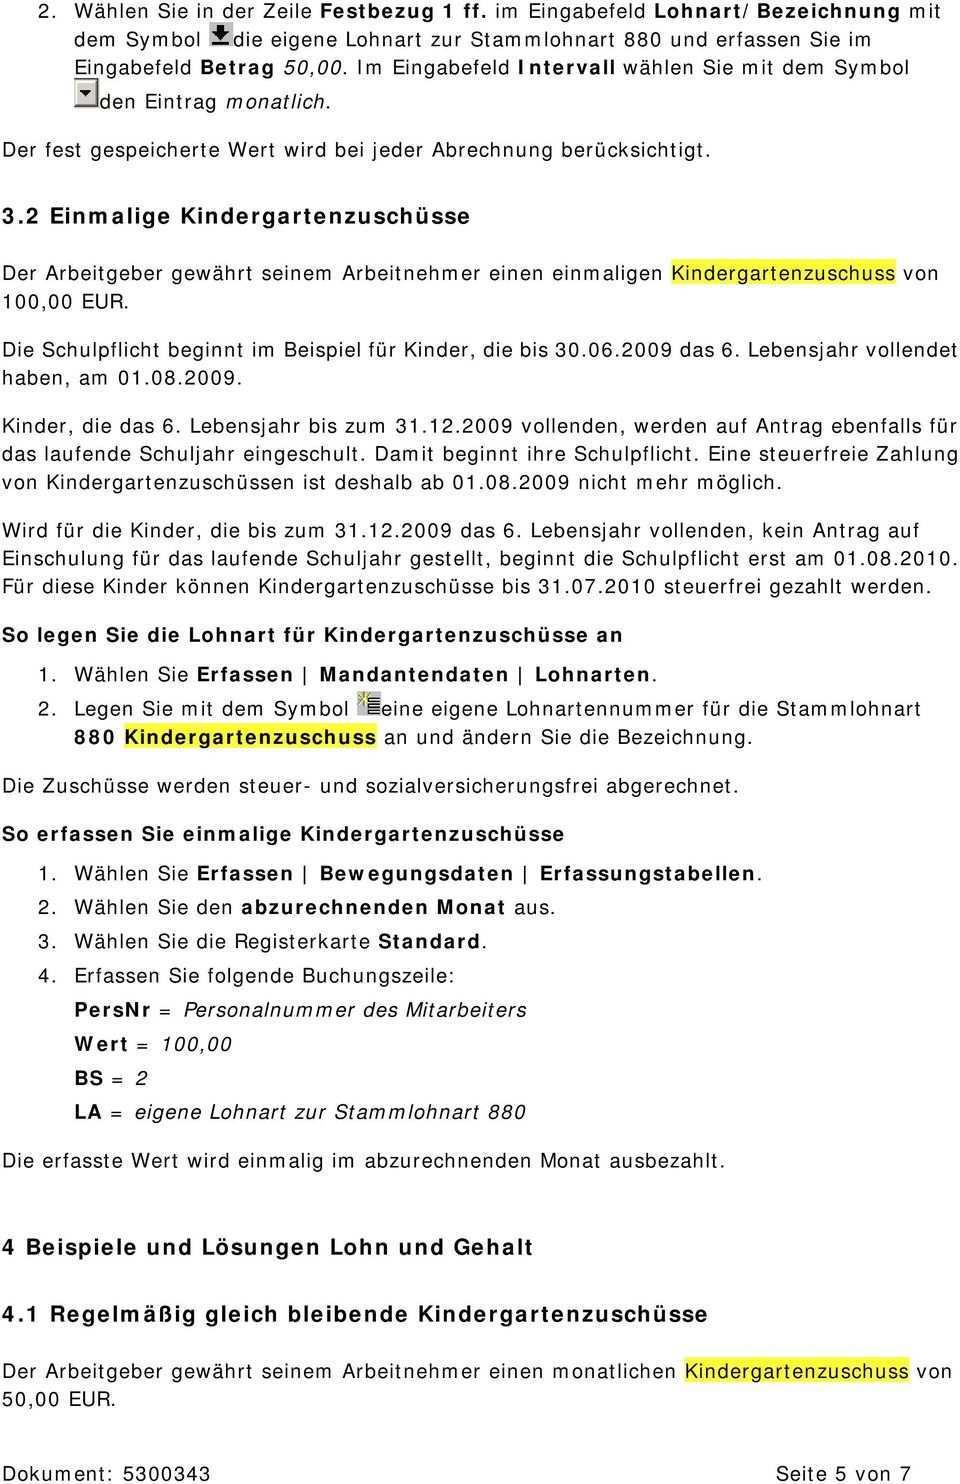 Kindergartenzuschusse Lexikon Lohn Und Personal Pdf Free Download